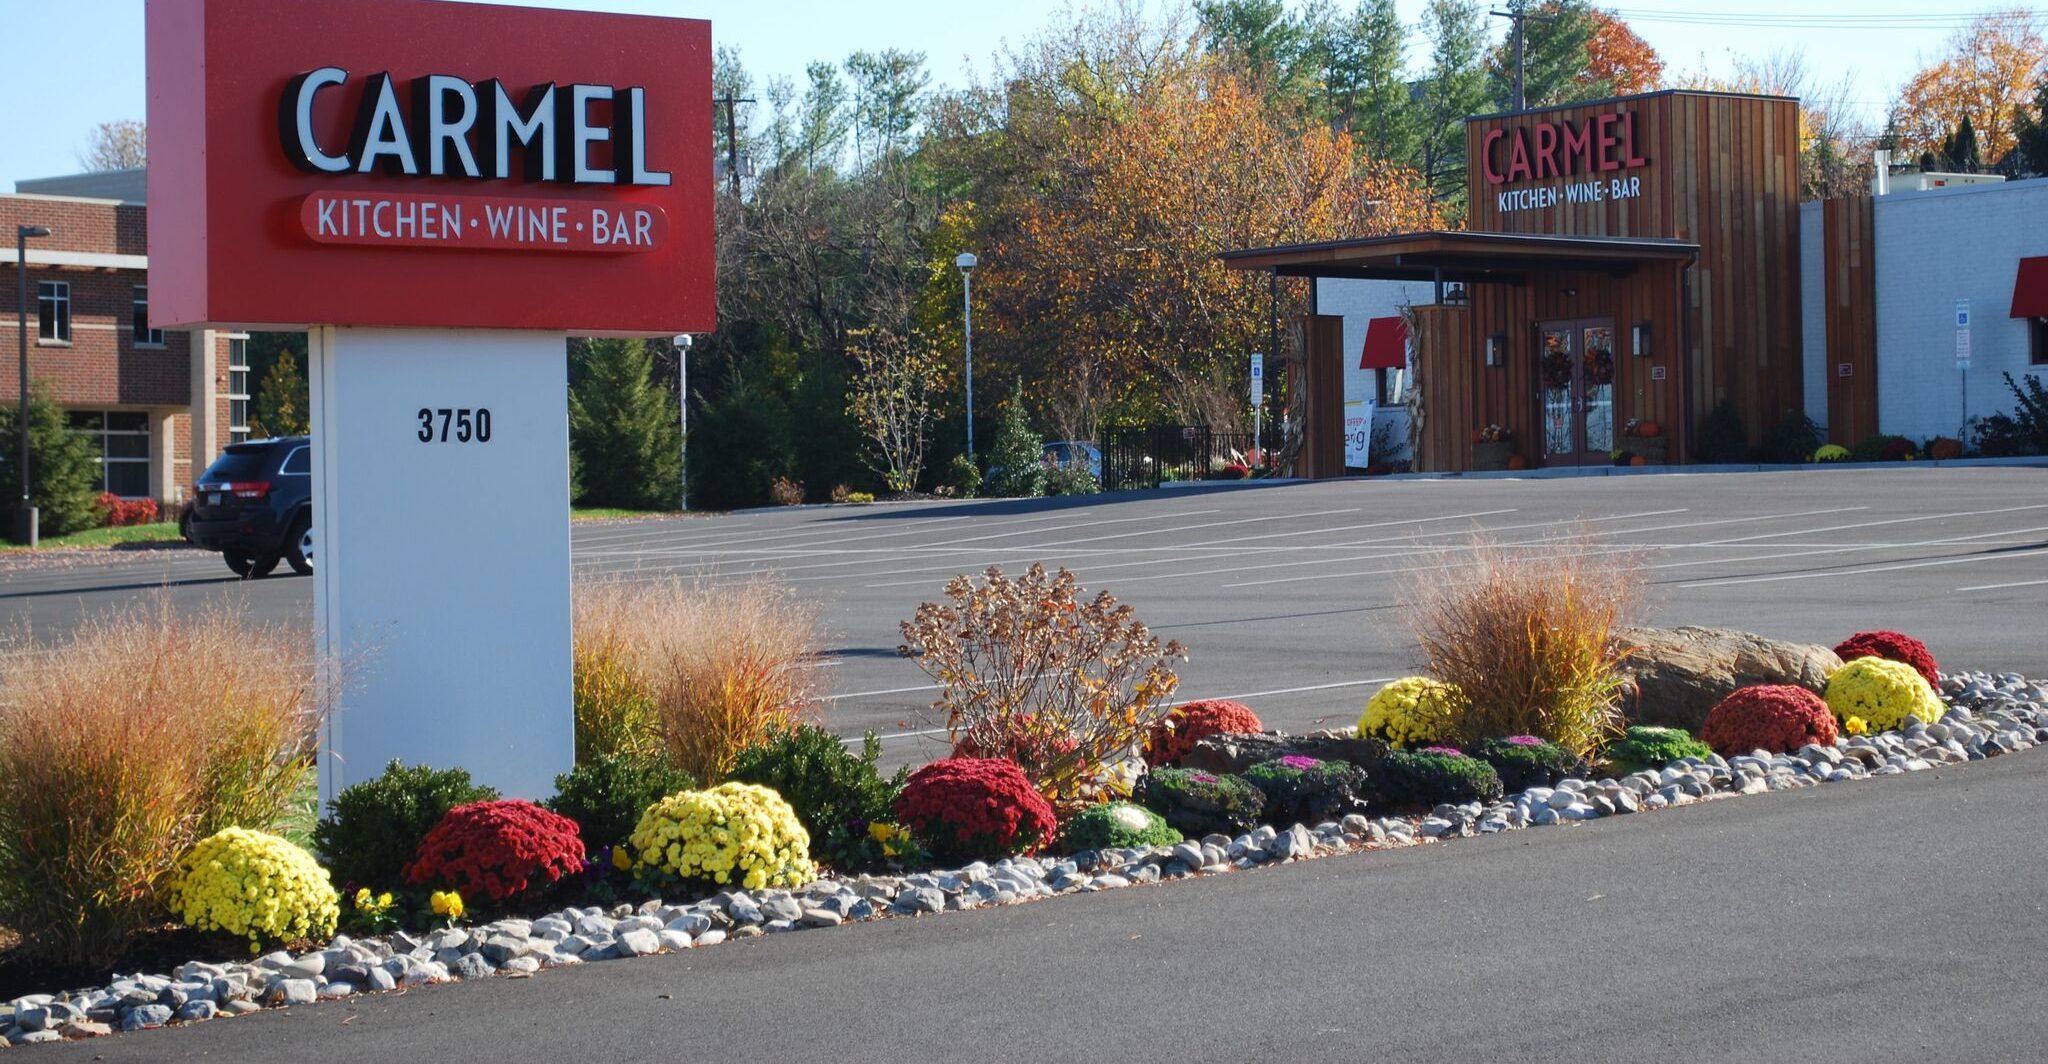 Carmel Kitchen Wine Bar